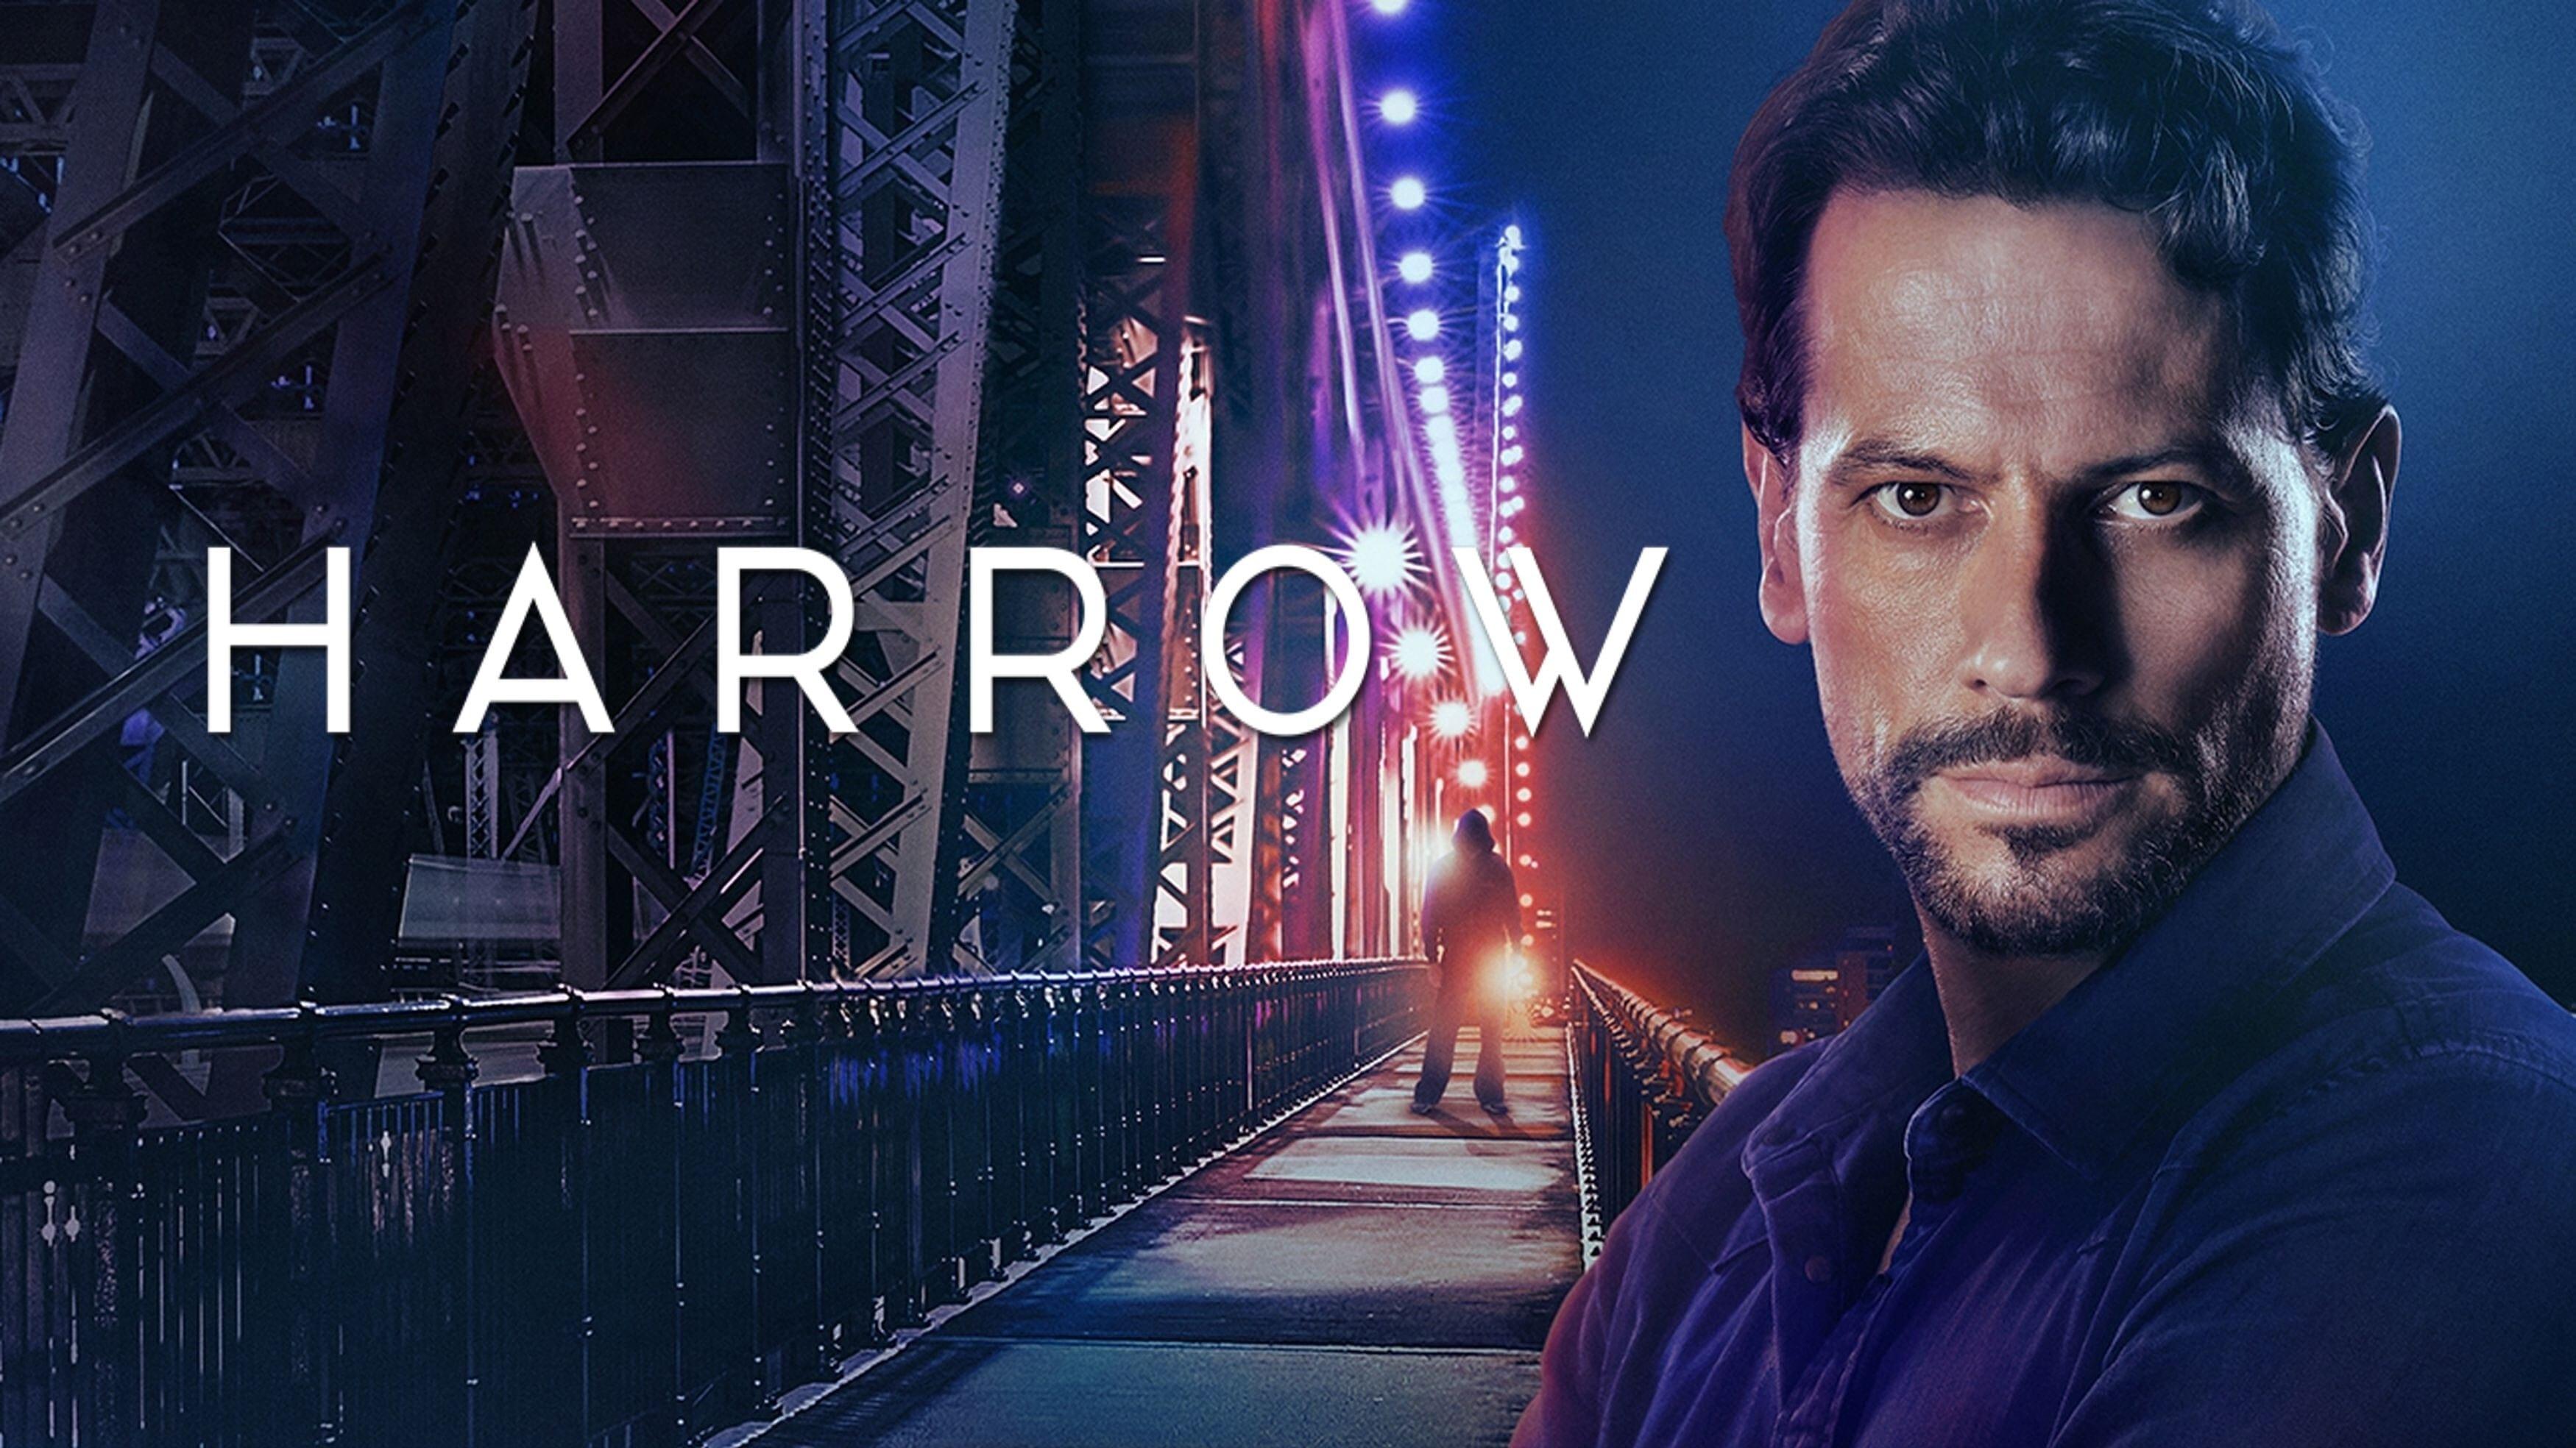 Harrow-poster-1